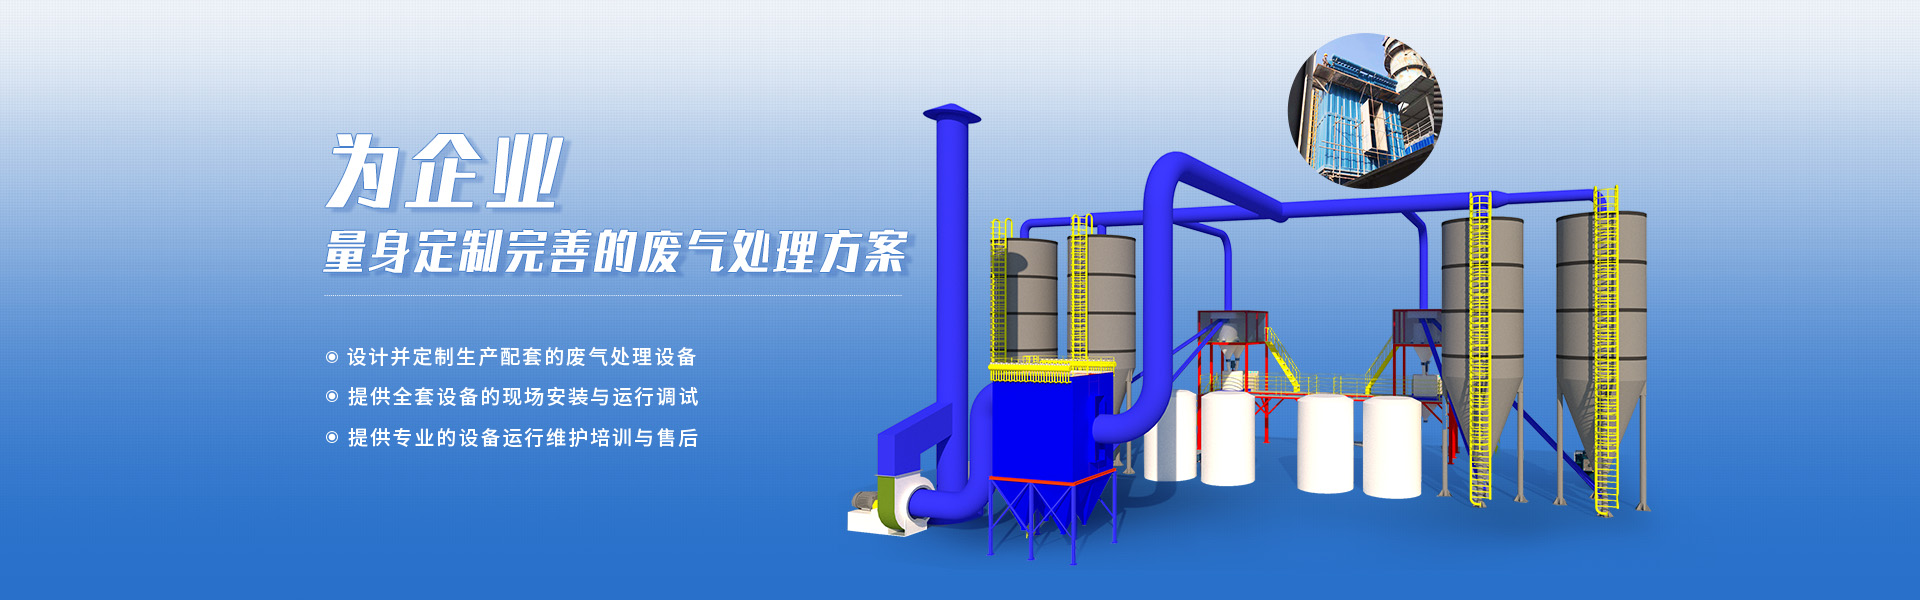 為企業量身定制完善的廢氣處理方案